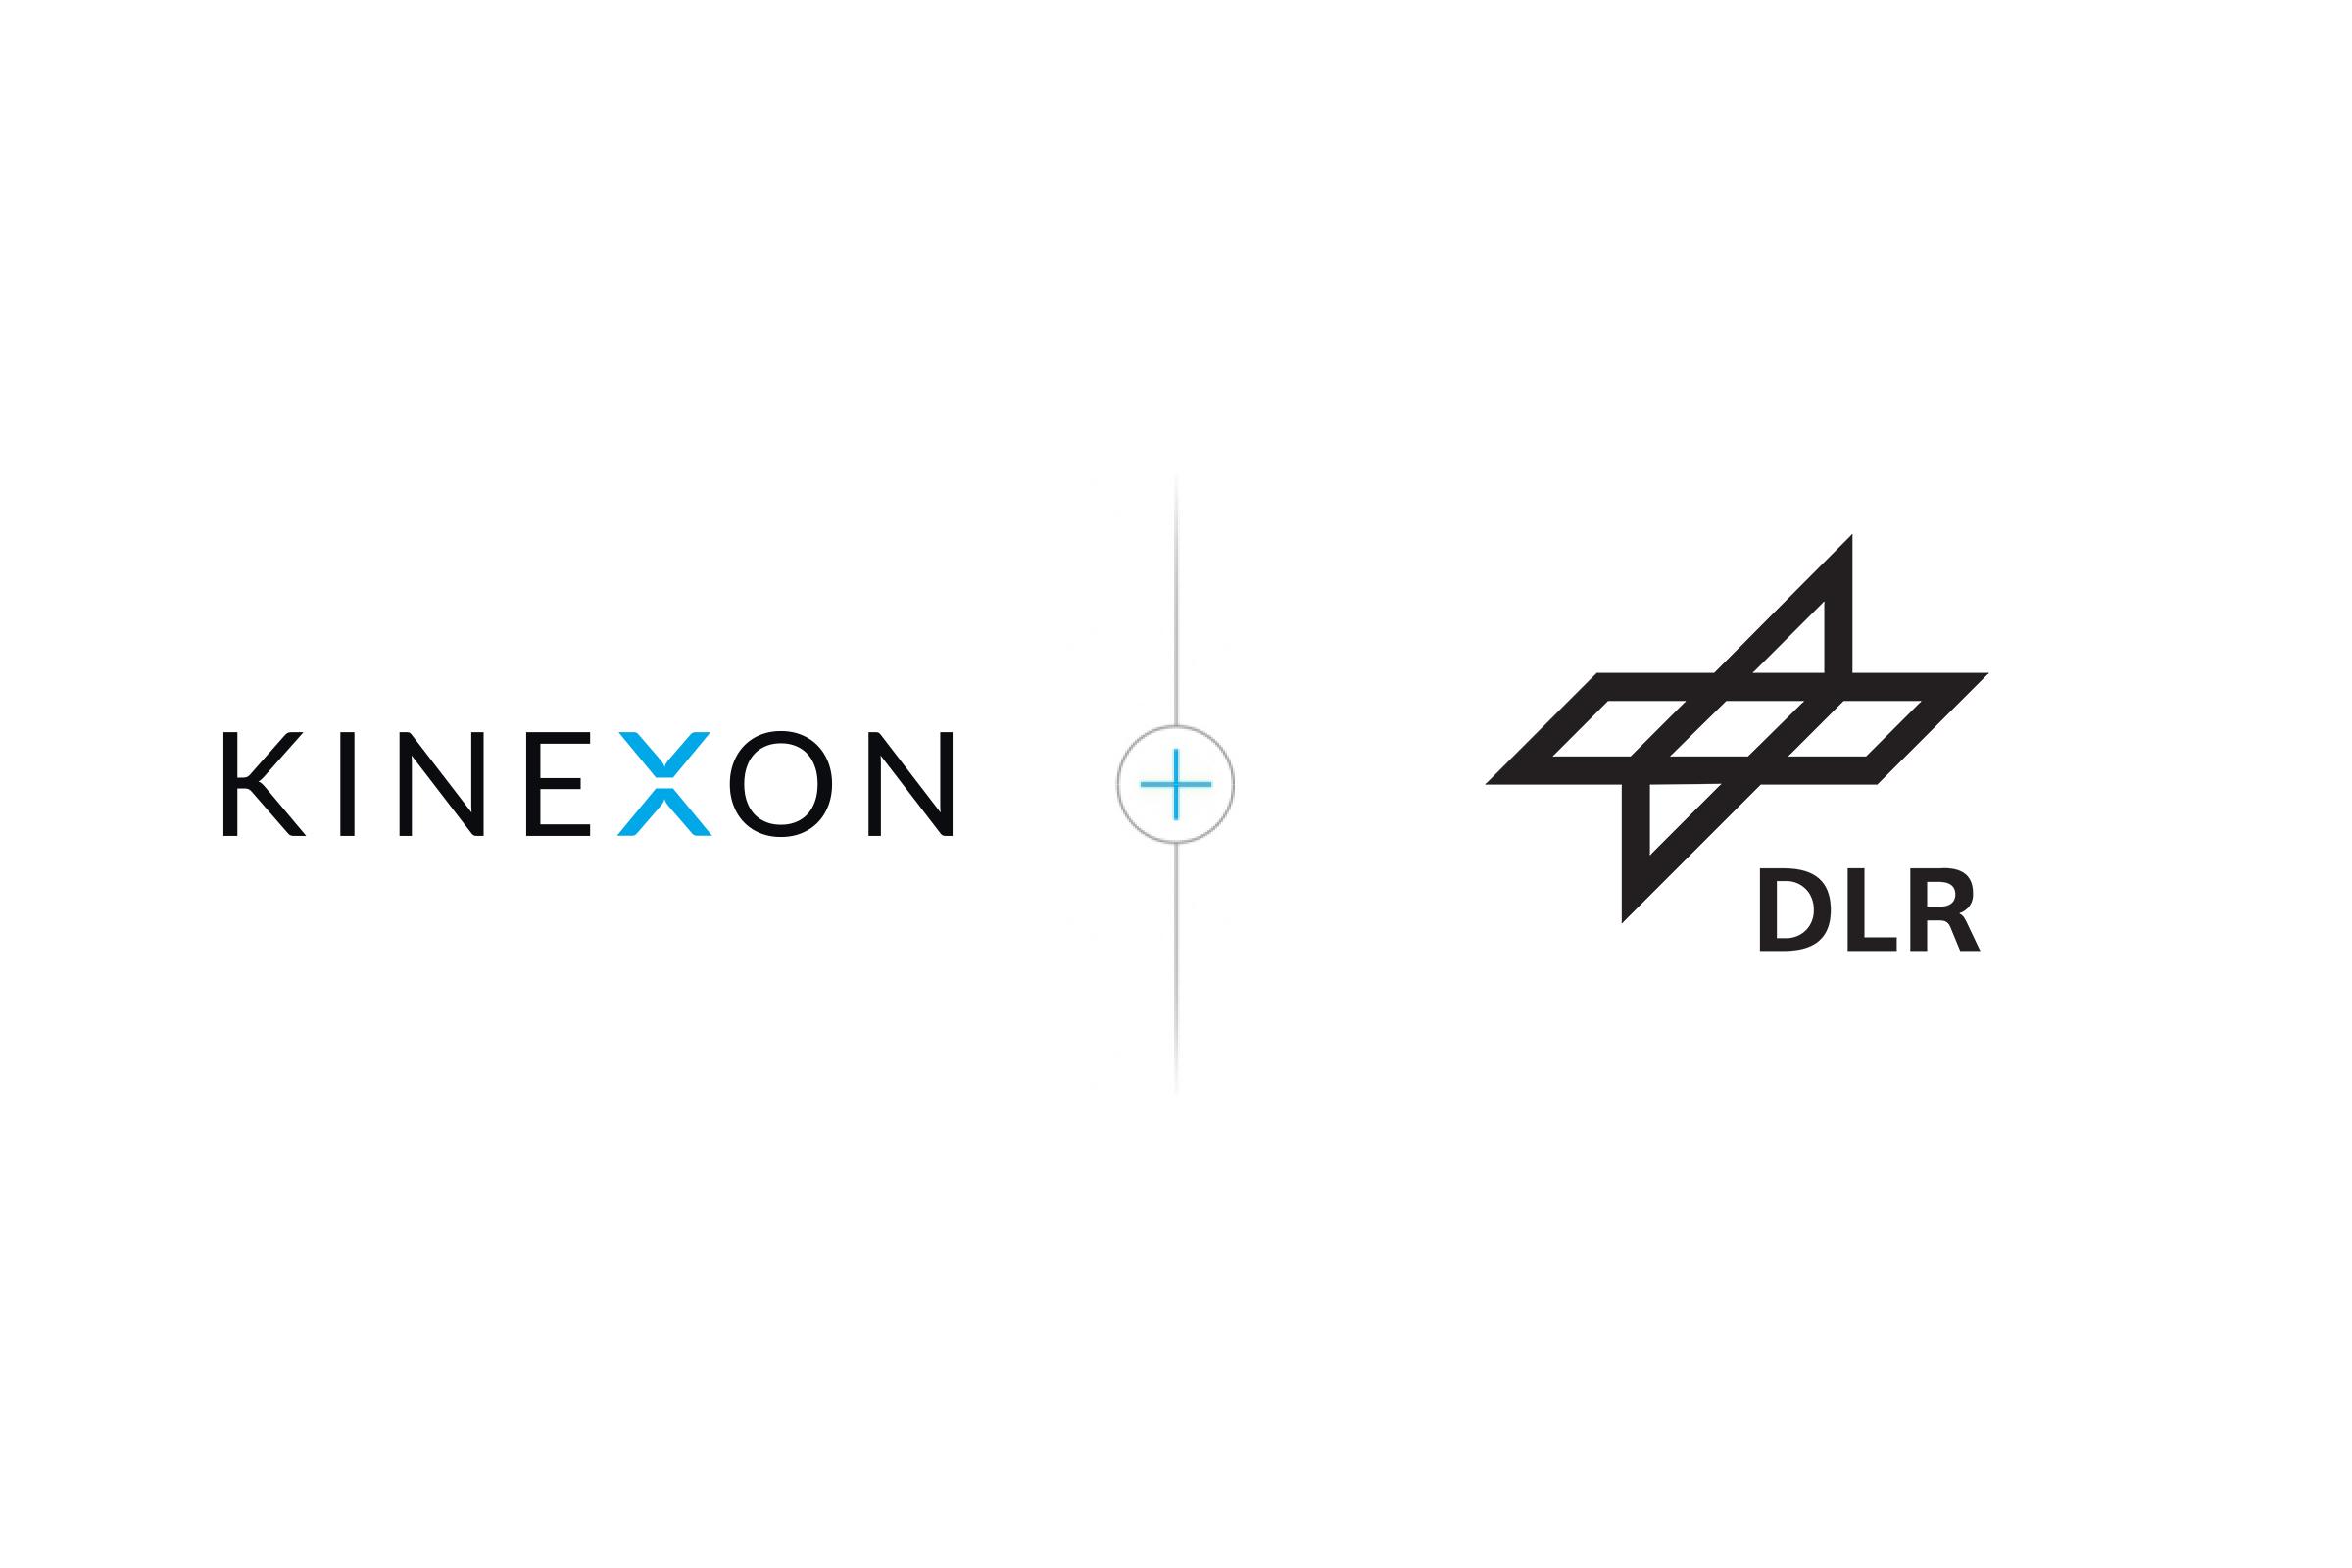 KINEXON X DLR